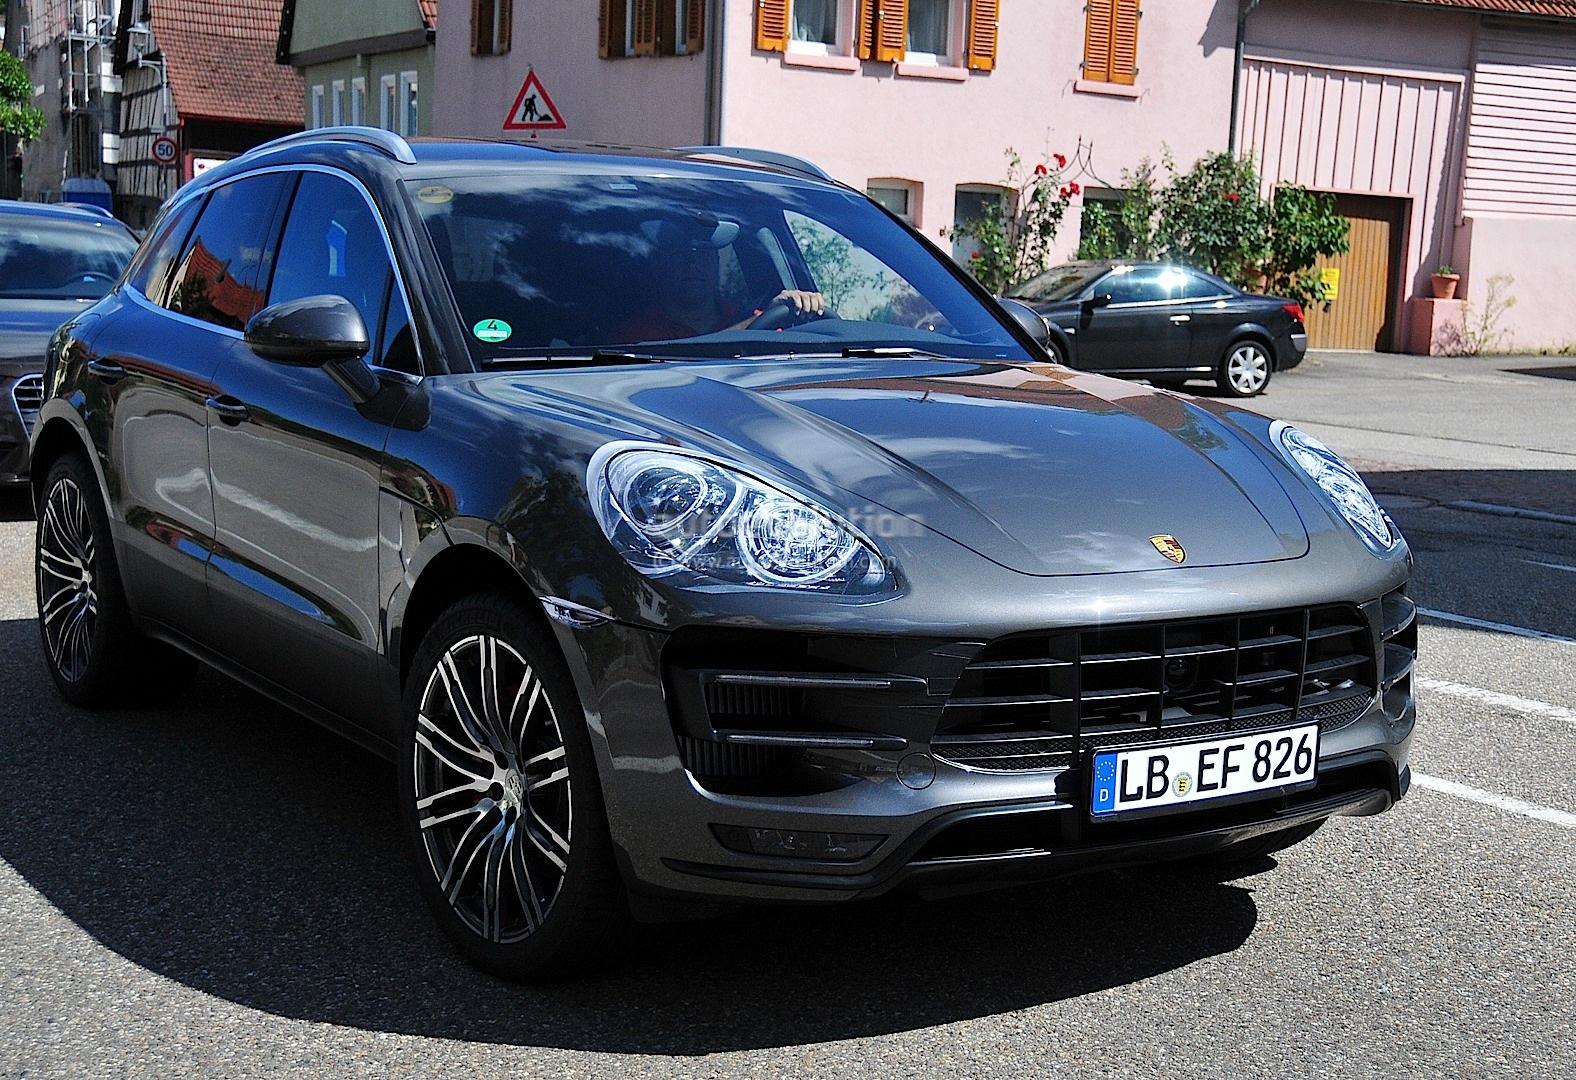 Spyshots 2014 Porsche Macan Virtually Undisguised